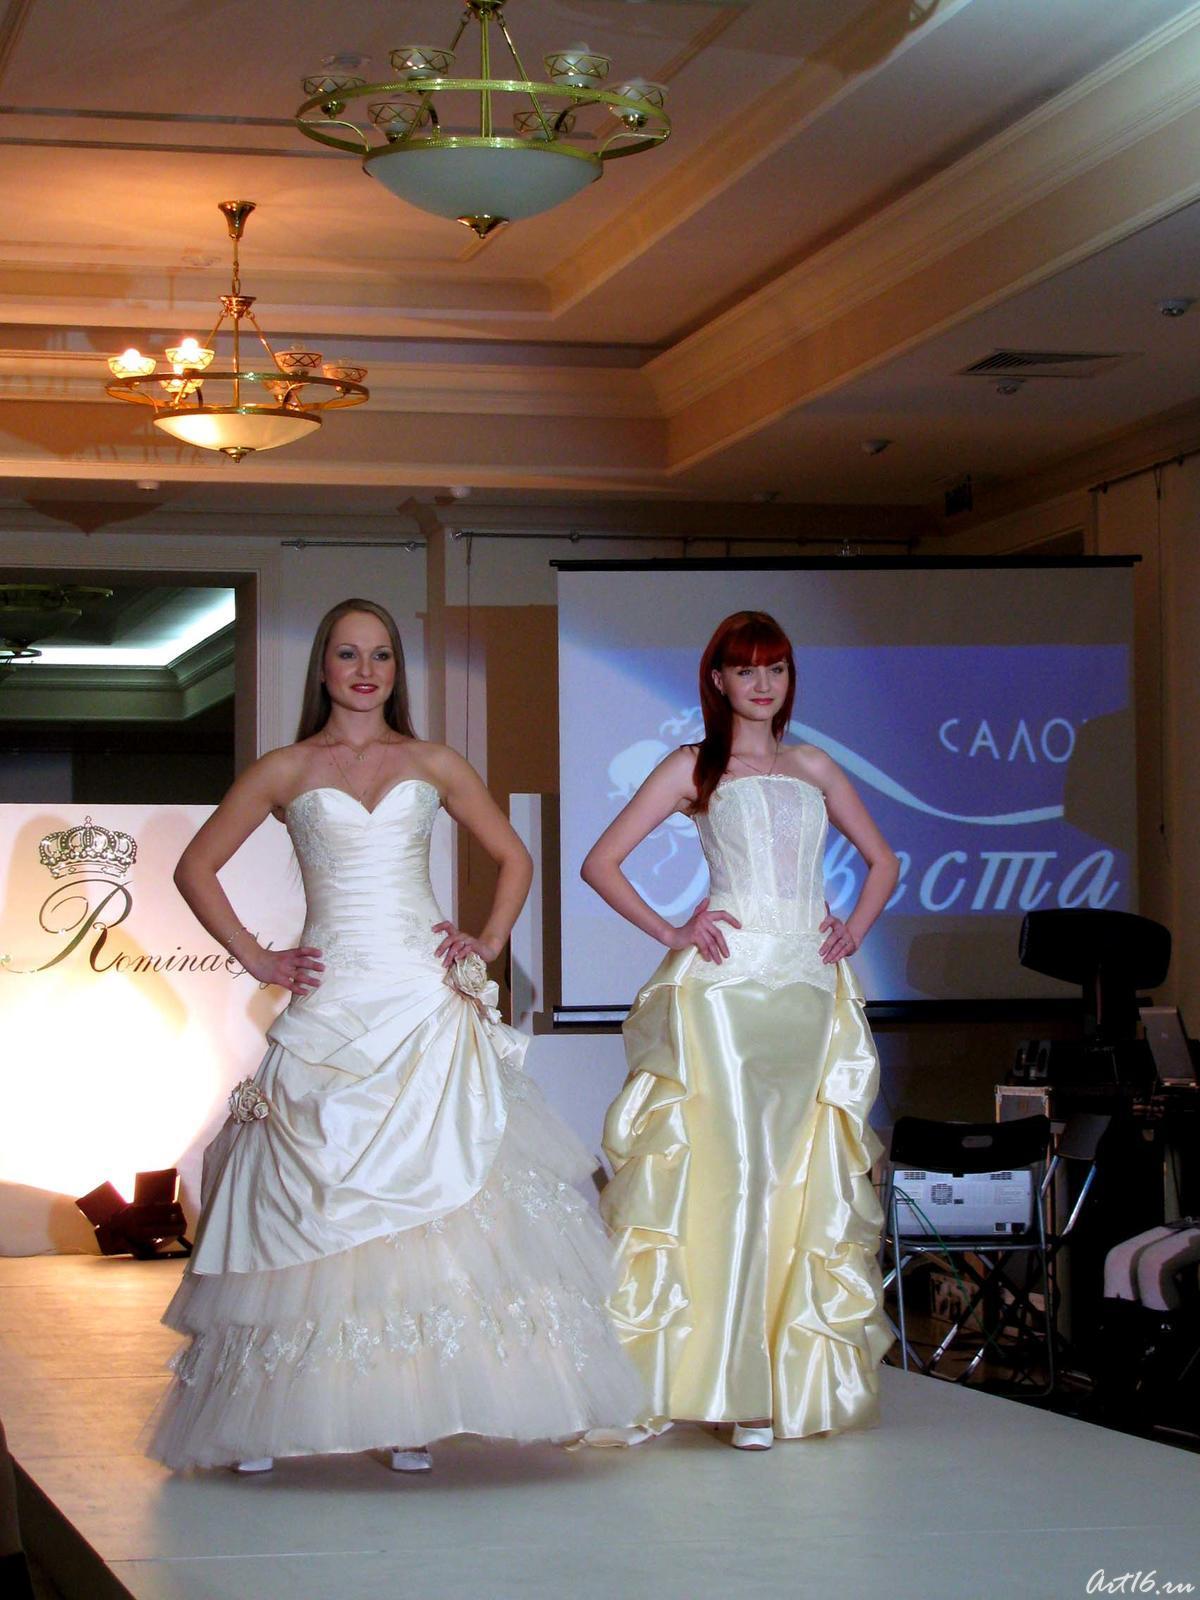 Фото №21517. Дефиле в свадебных платьях _1002